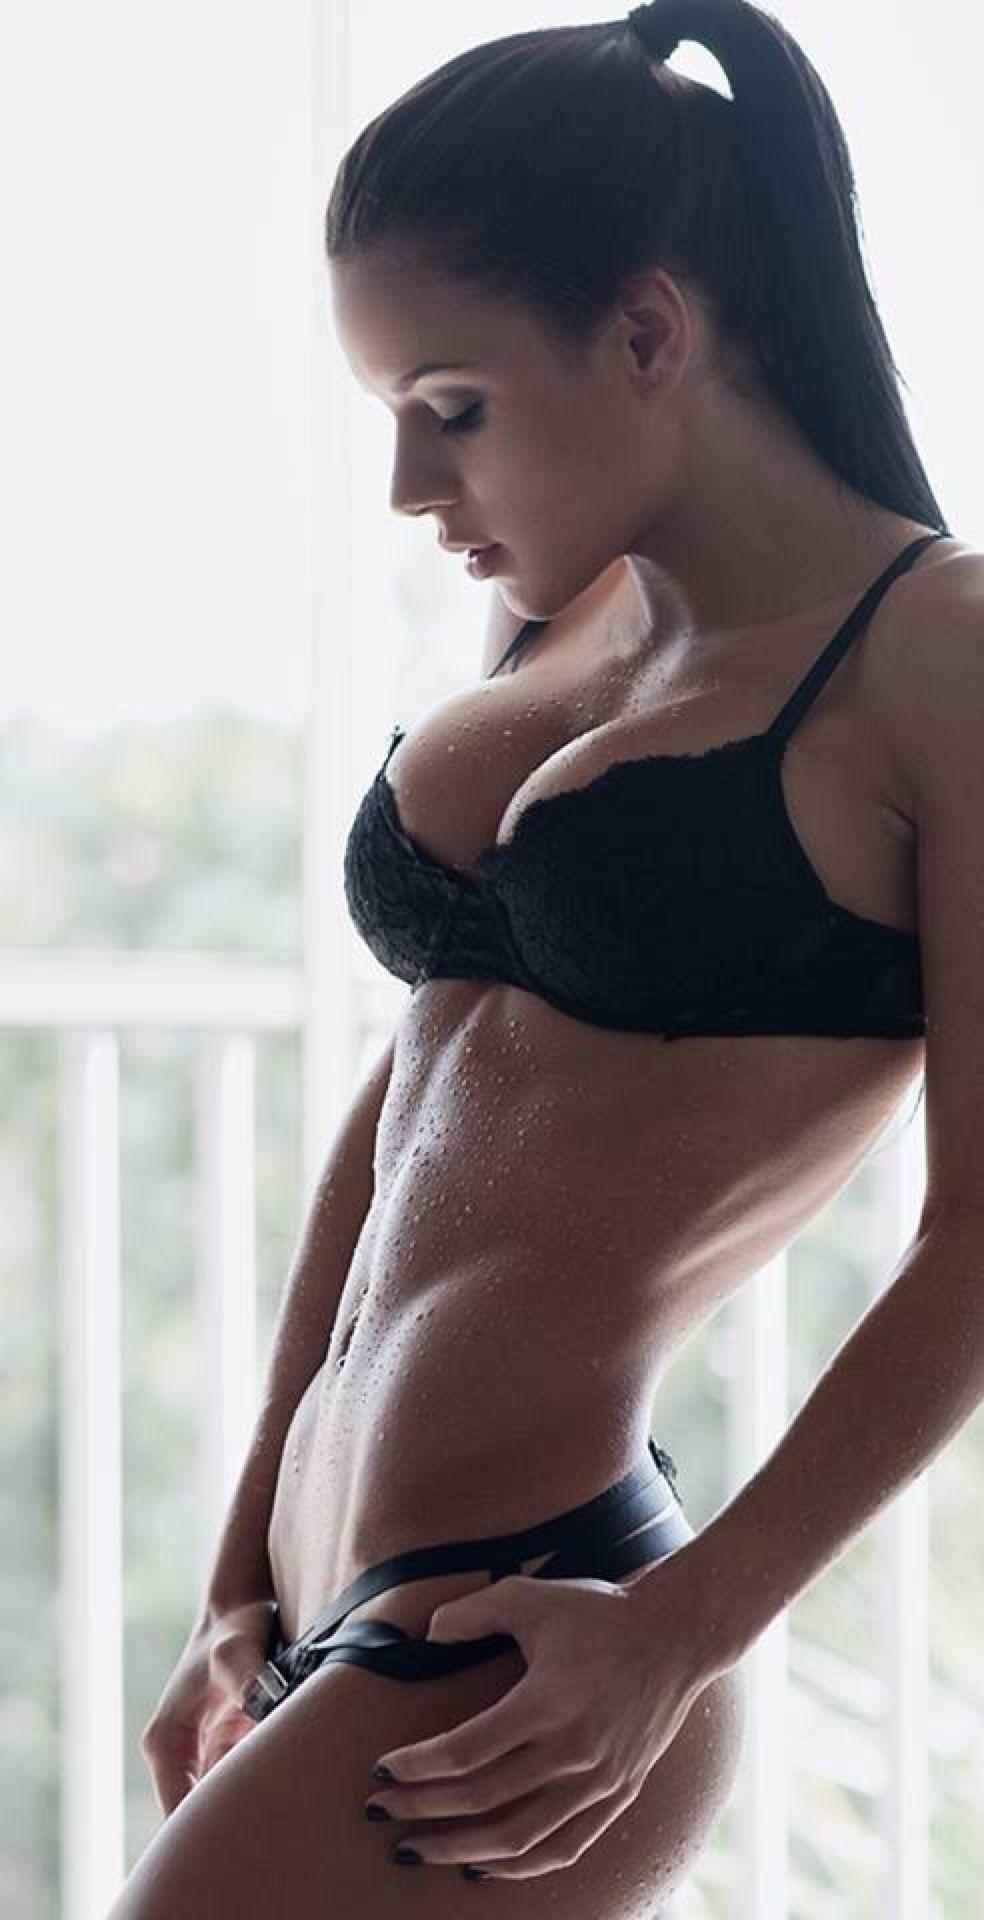 Sexy hot hardbody women